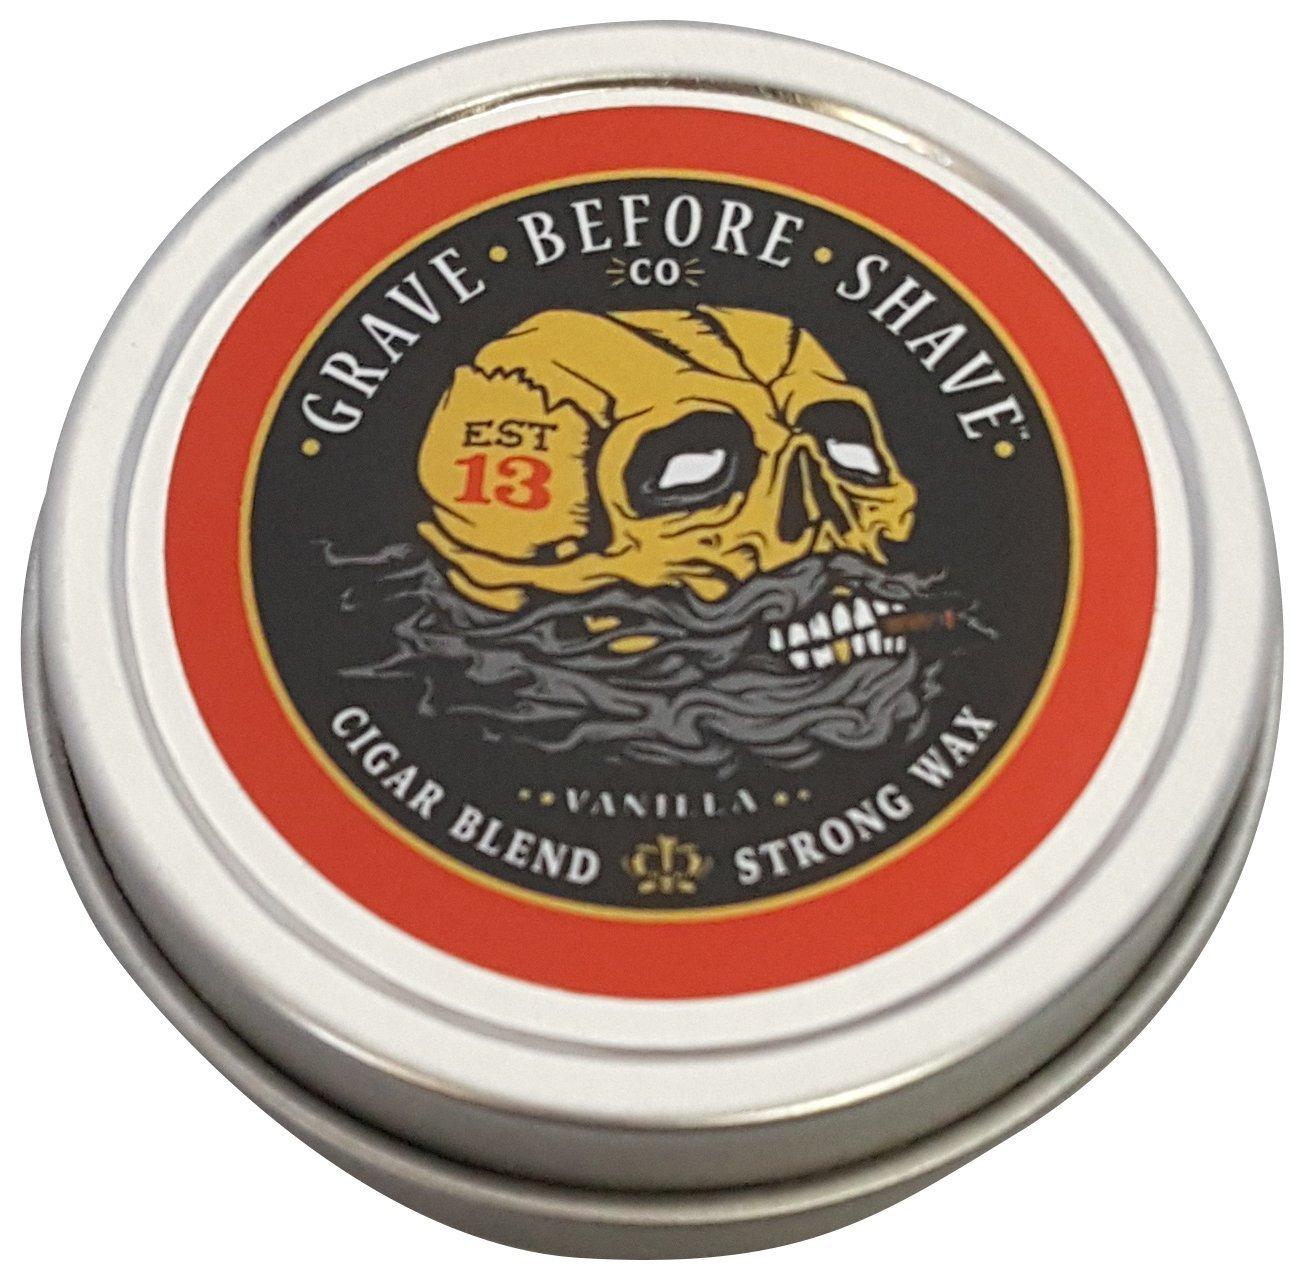 Fisticuffs Cigar Blend Mustache Wax 1 oz Tin Cigarblend